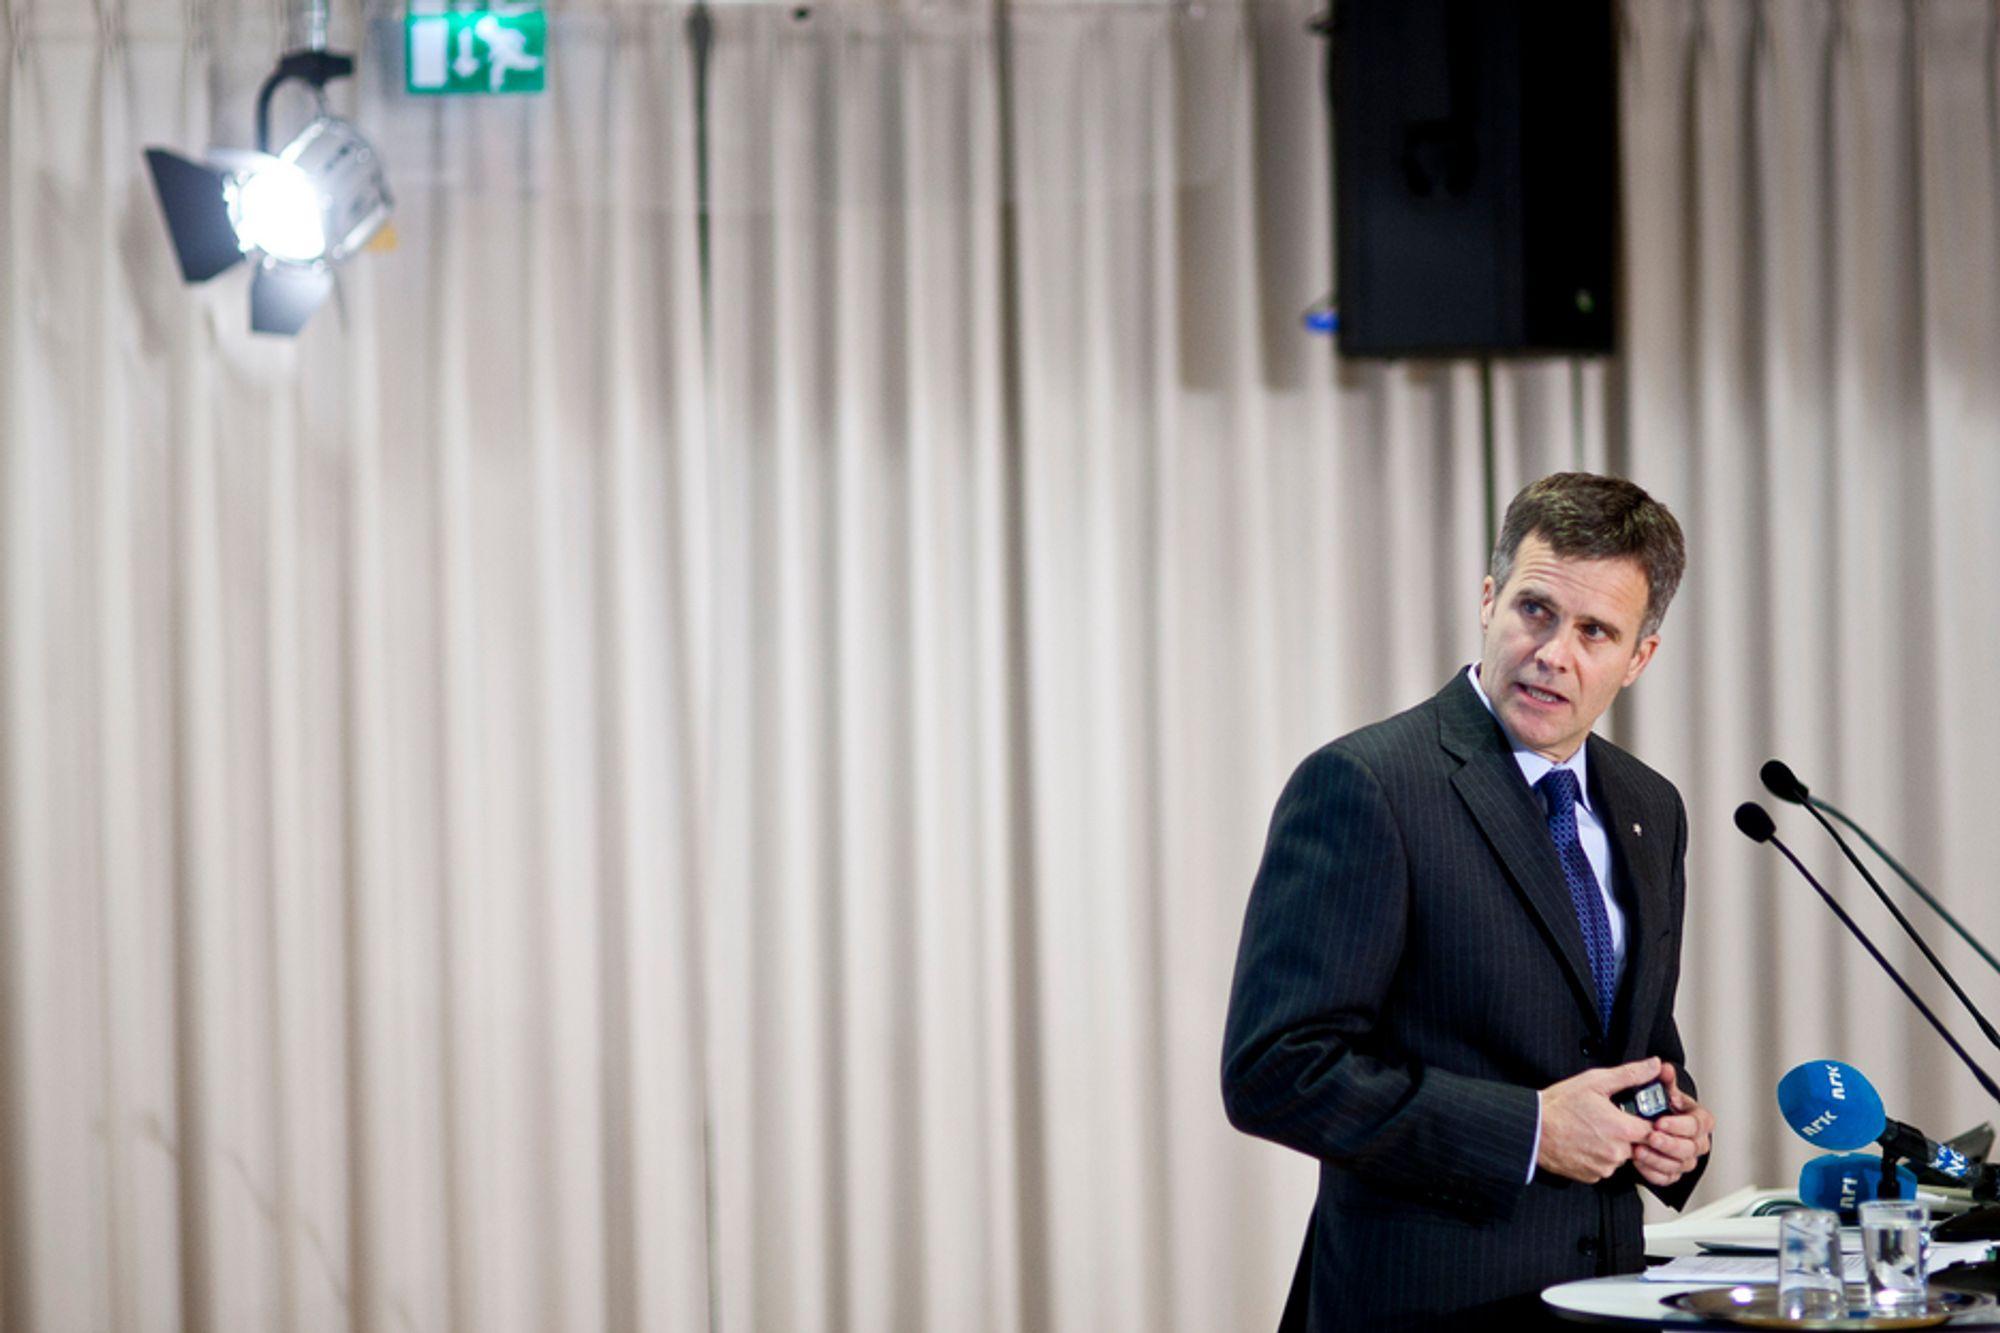 FORNØYD: Statoils konsernsjef Helge Lund er fornøyd med utviklingen i selskapet. Både høyere priser og økt produksjon gir solid vekst.